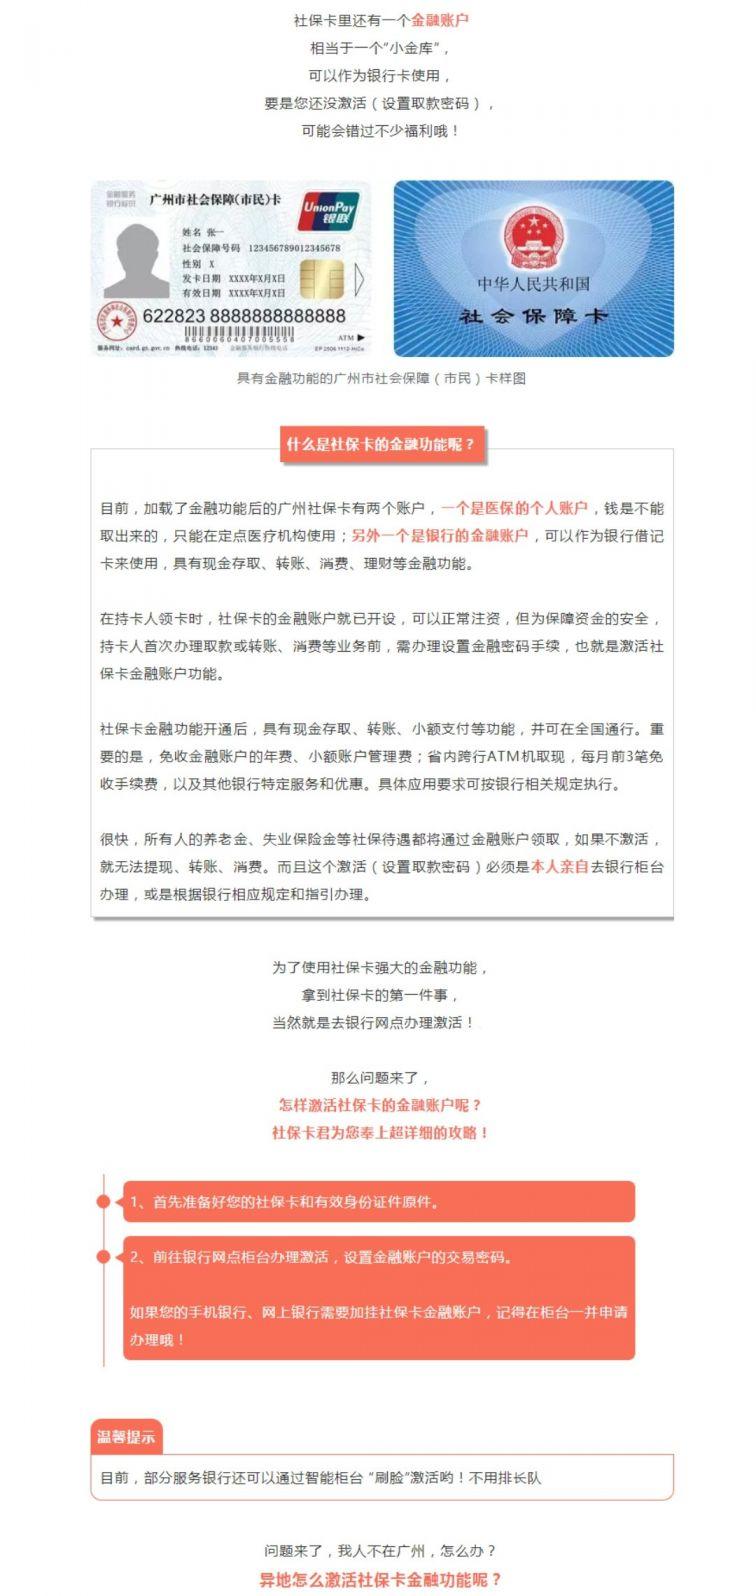 广州社保卡激活流程